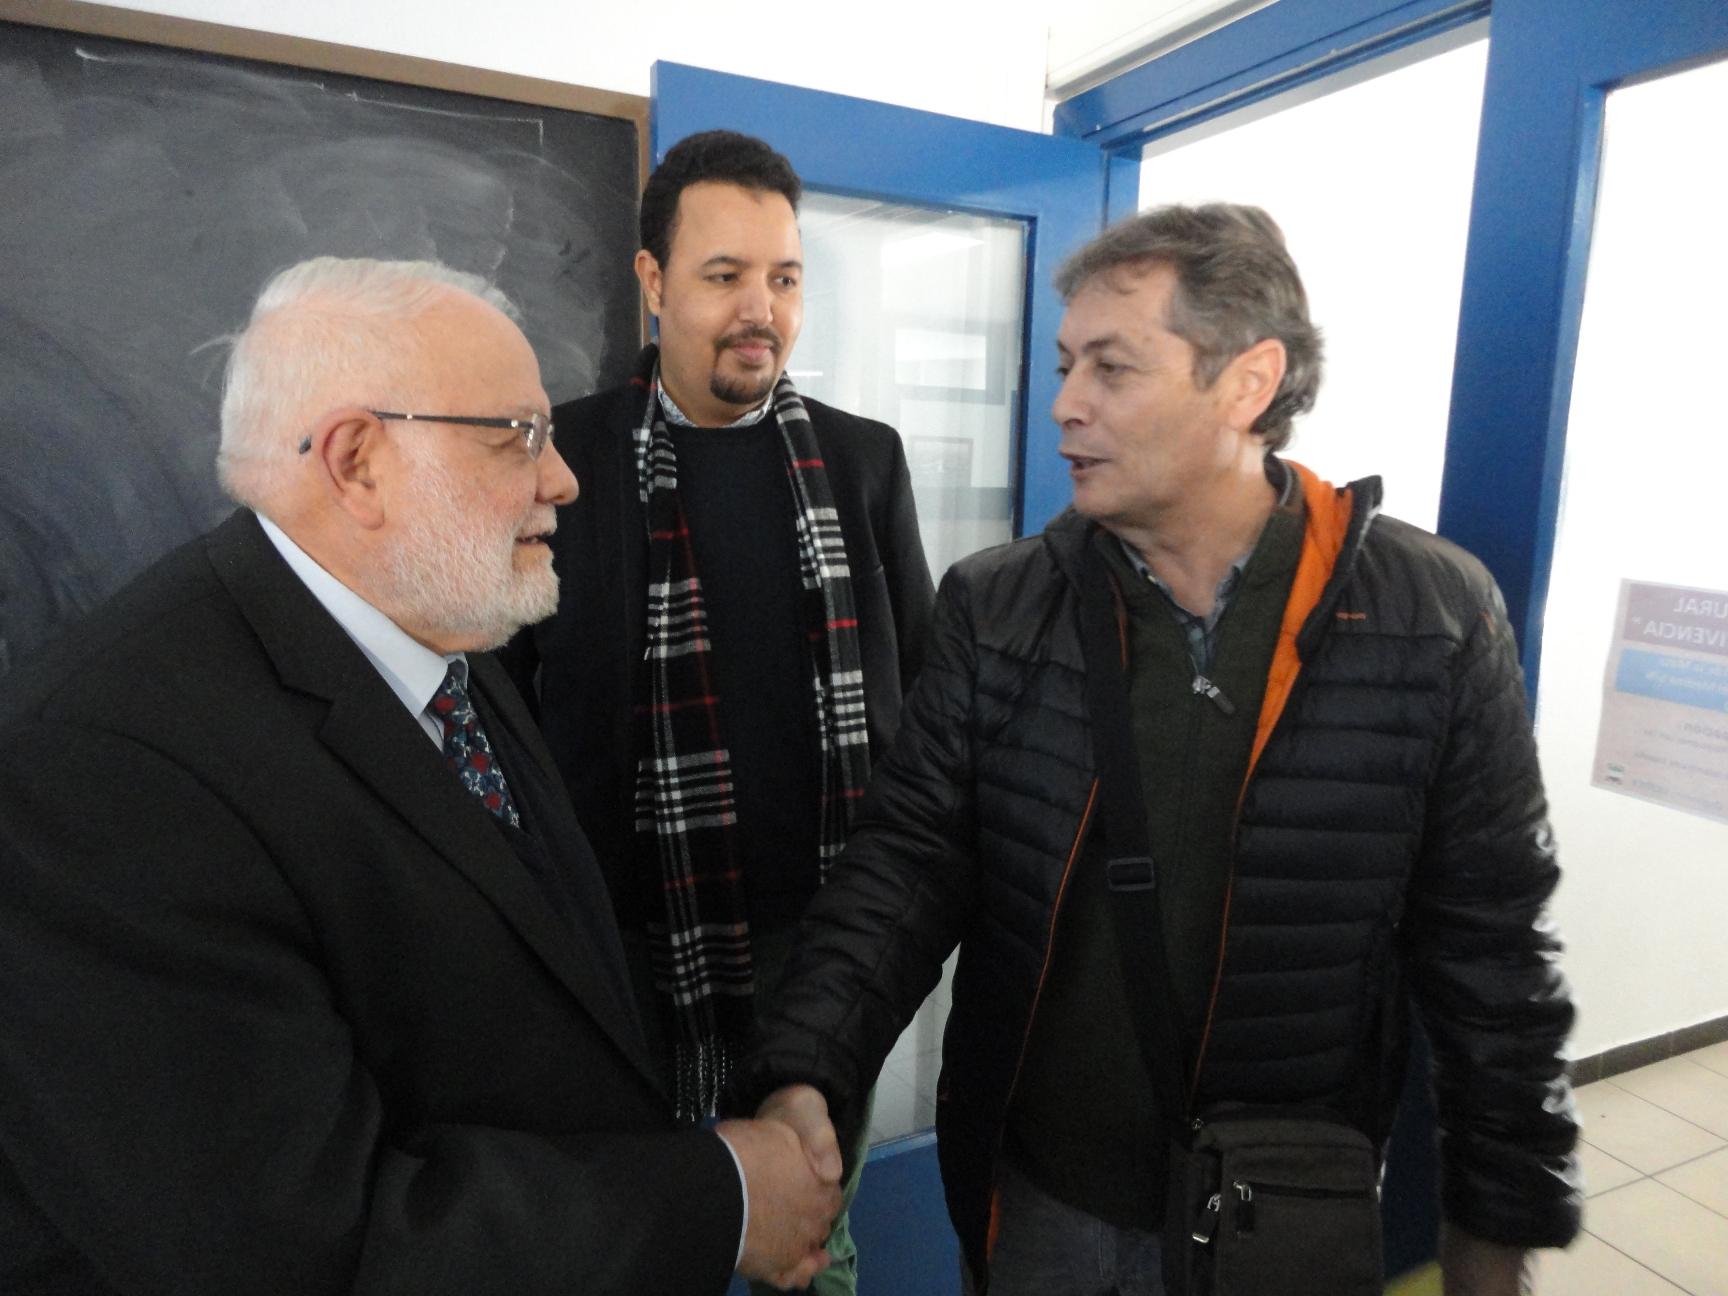 Tatary con el alcalde de Saucedilla ( Cáceres )